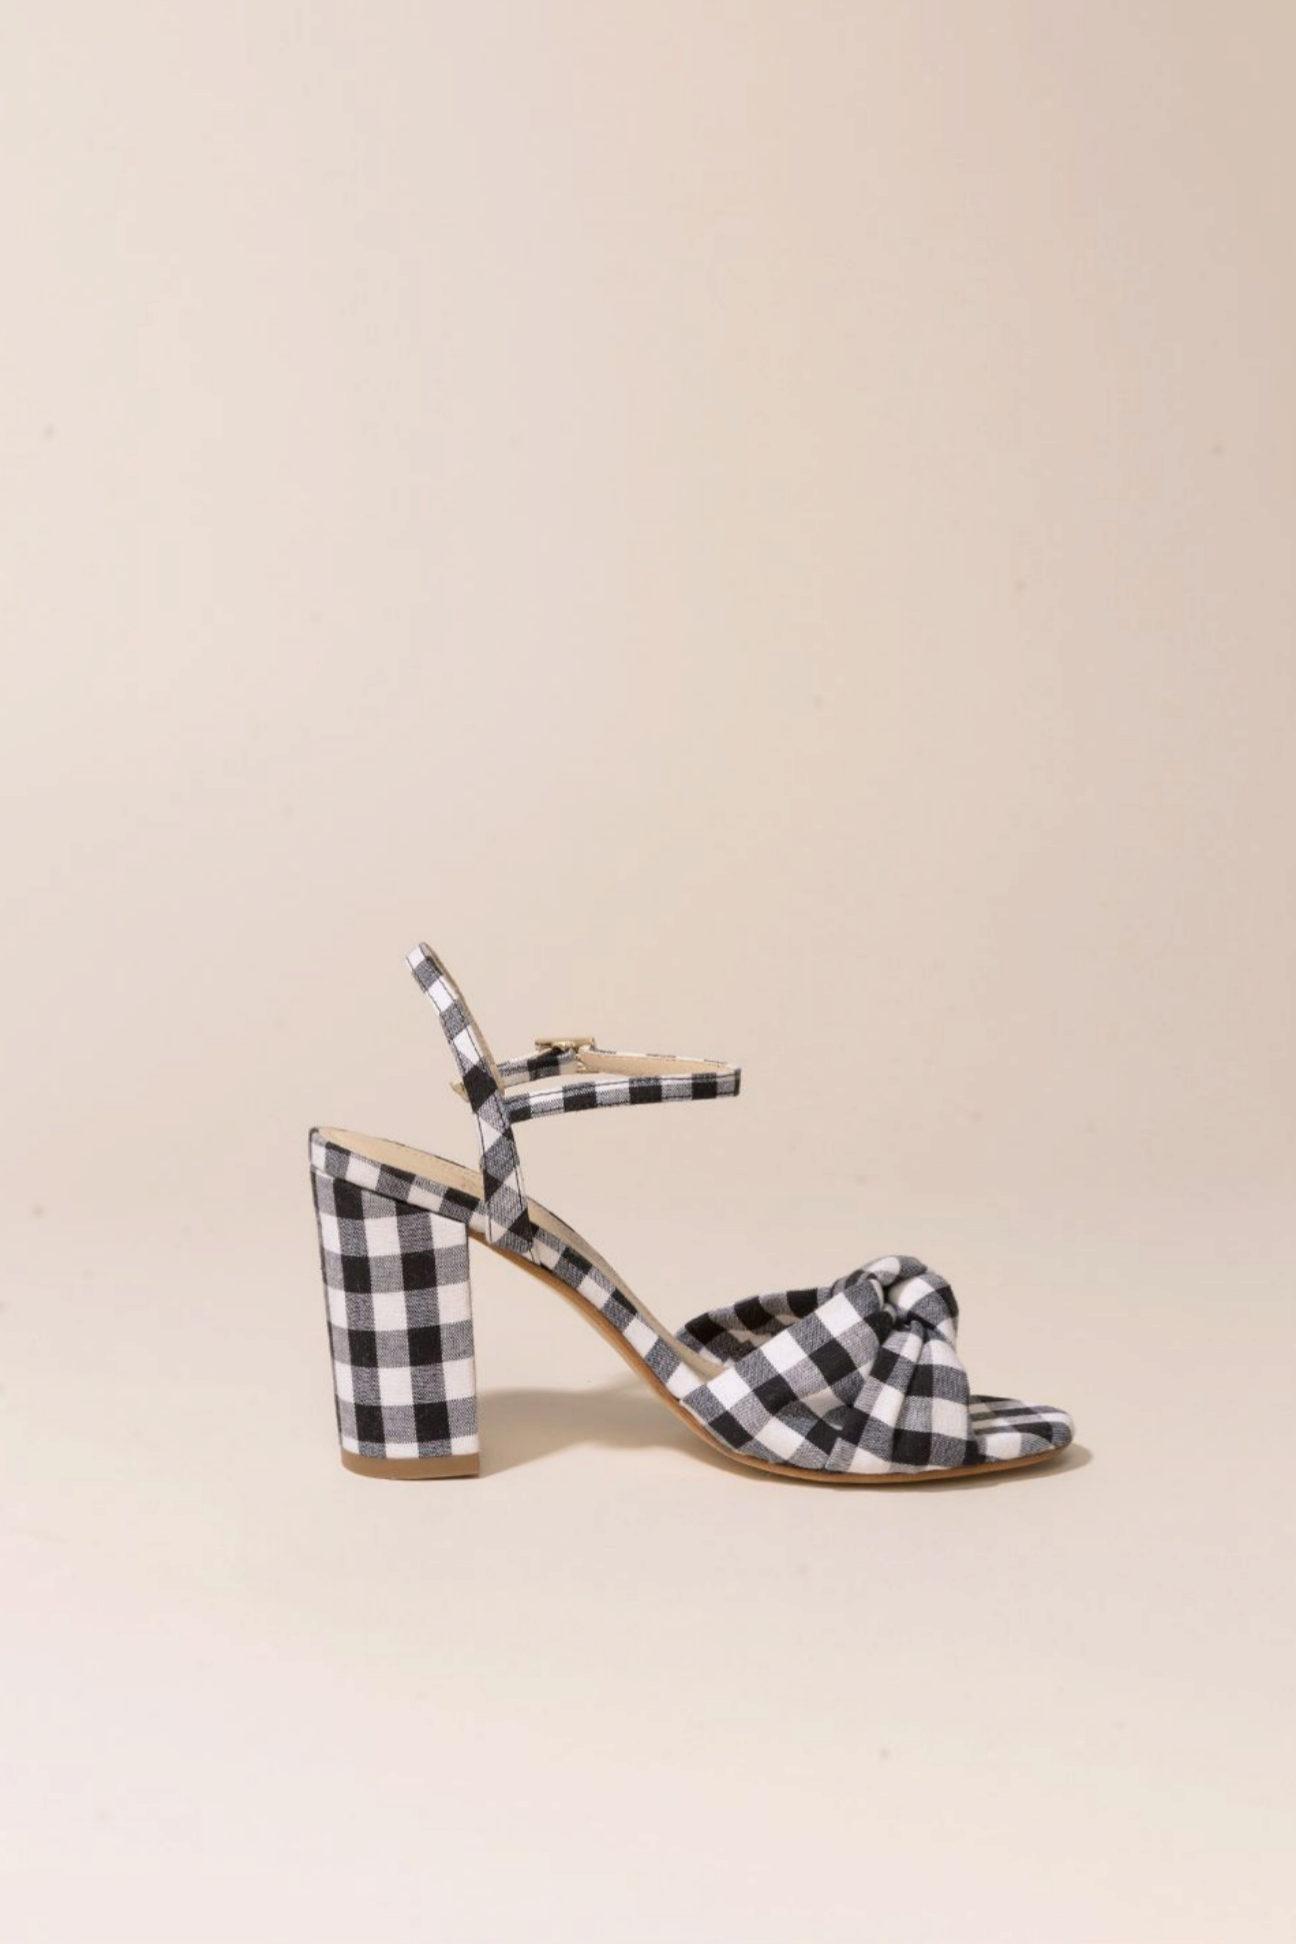 Sandalias de tacón con cuadros vichy de Petit Mafalda de Mint and...